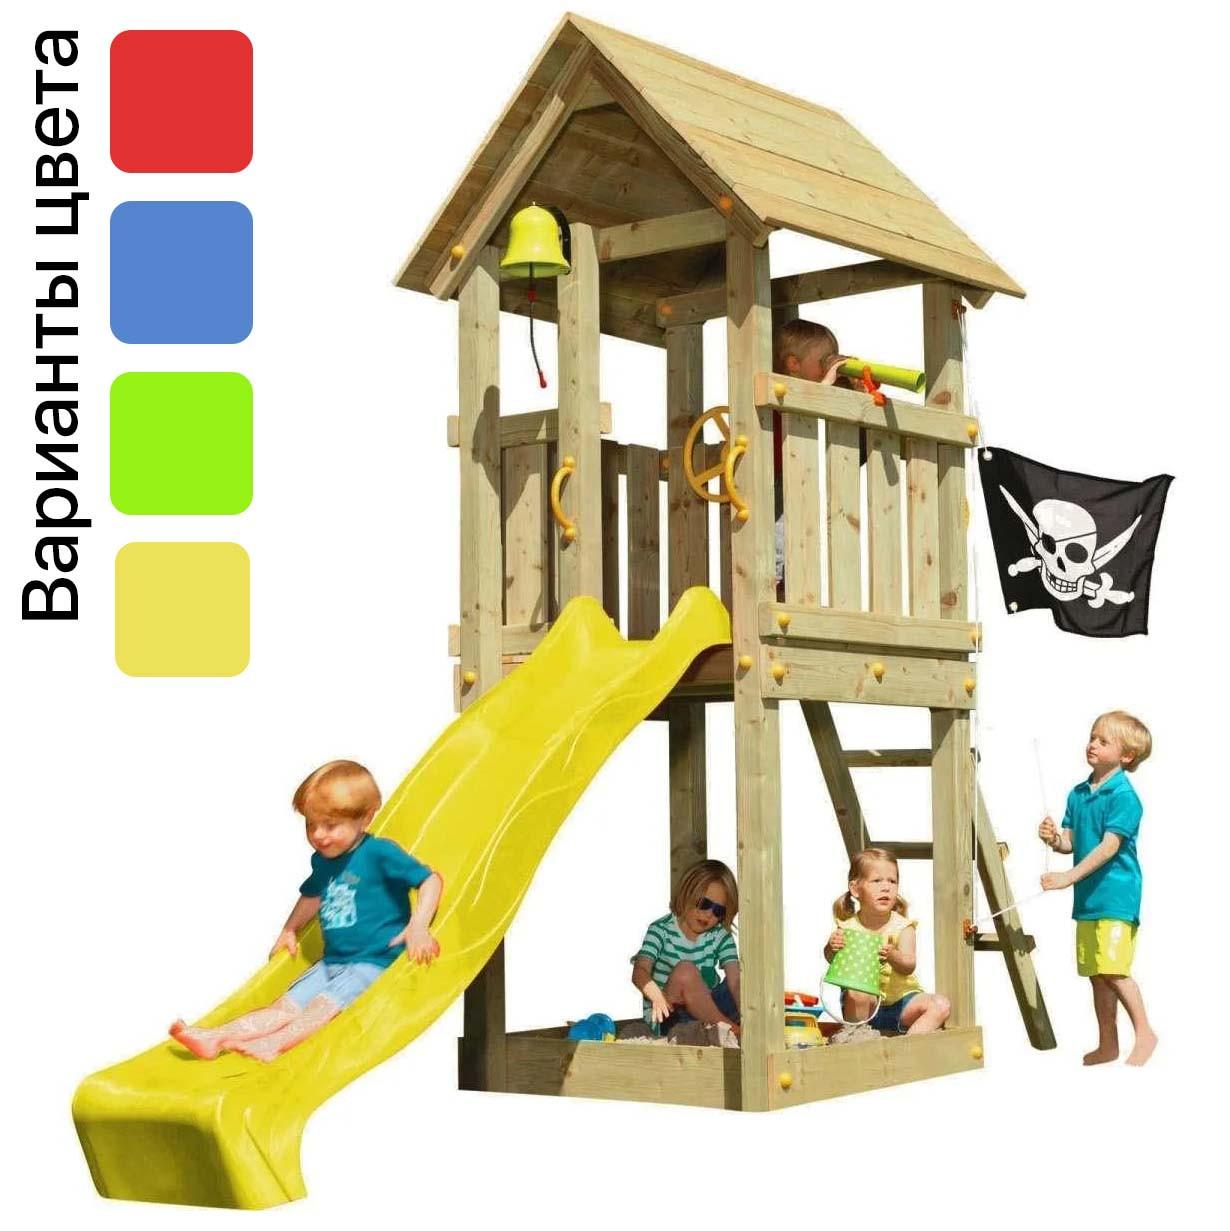 Детская игровая площадка KBT Blue Rabbit KIOSK домик с горкой